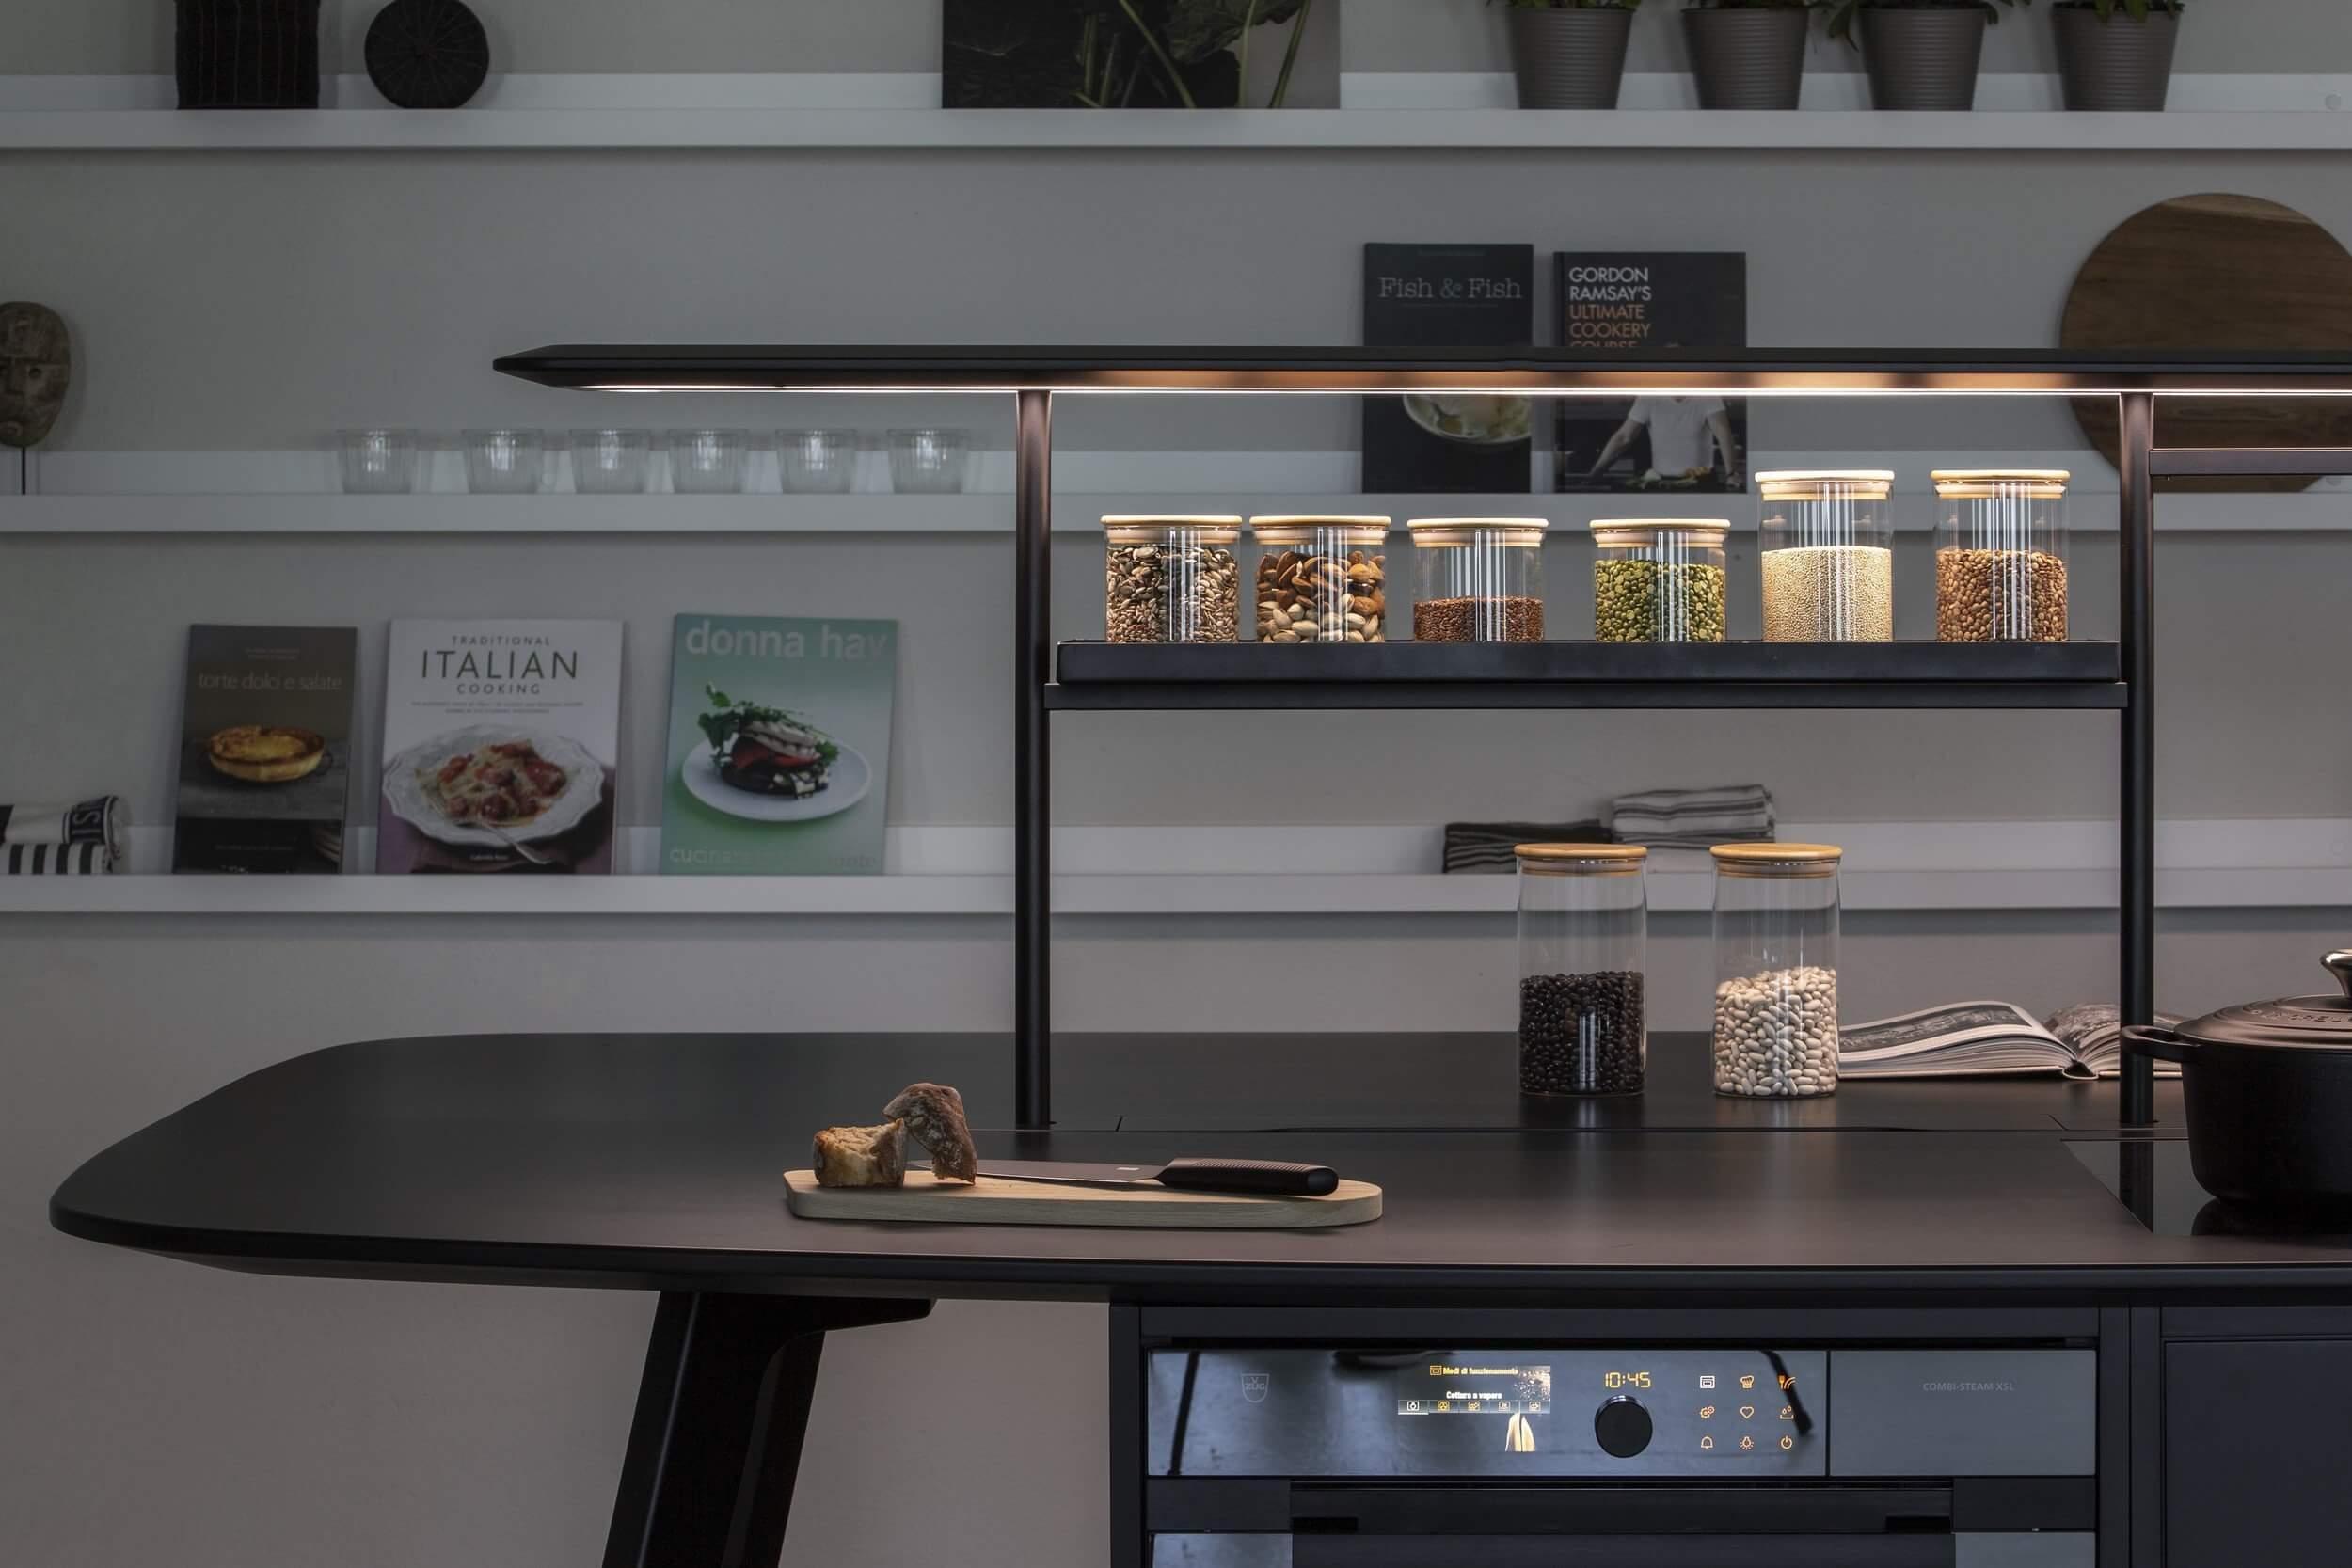 Mobilier design pour la cuisine d'entreprise WING KITCHEN